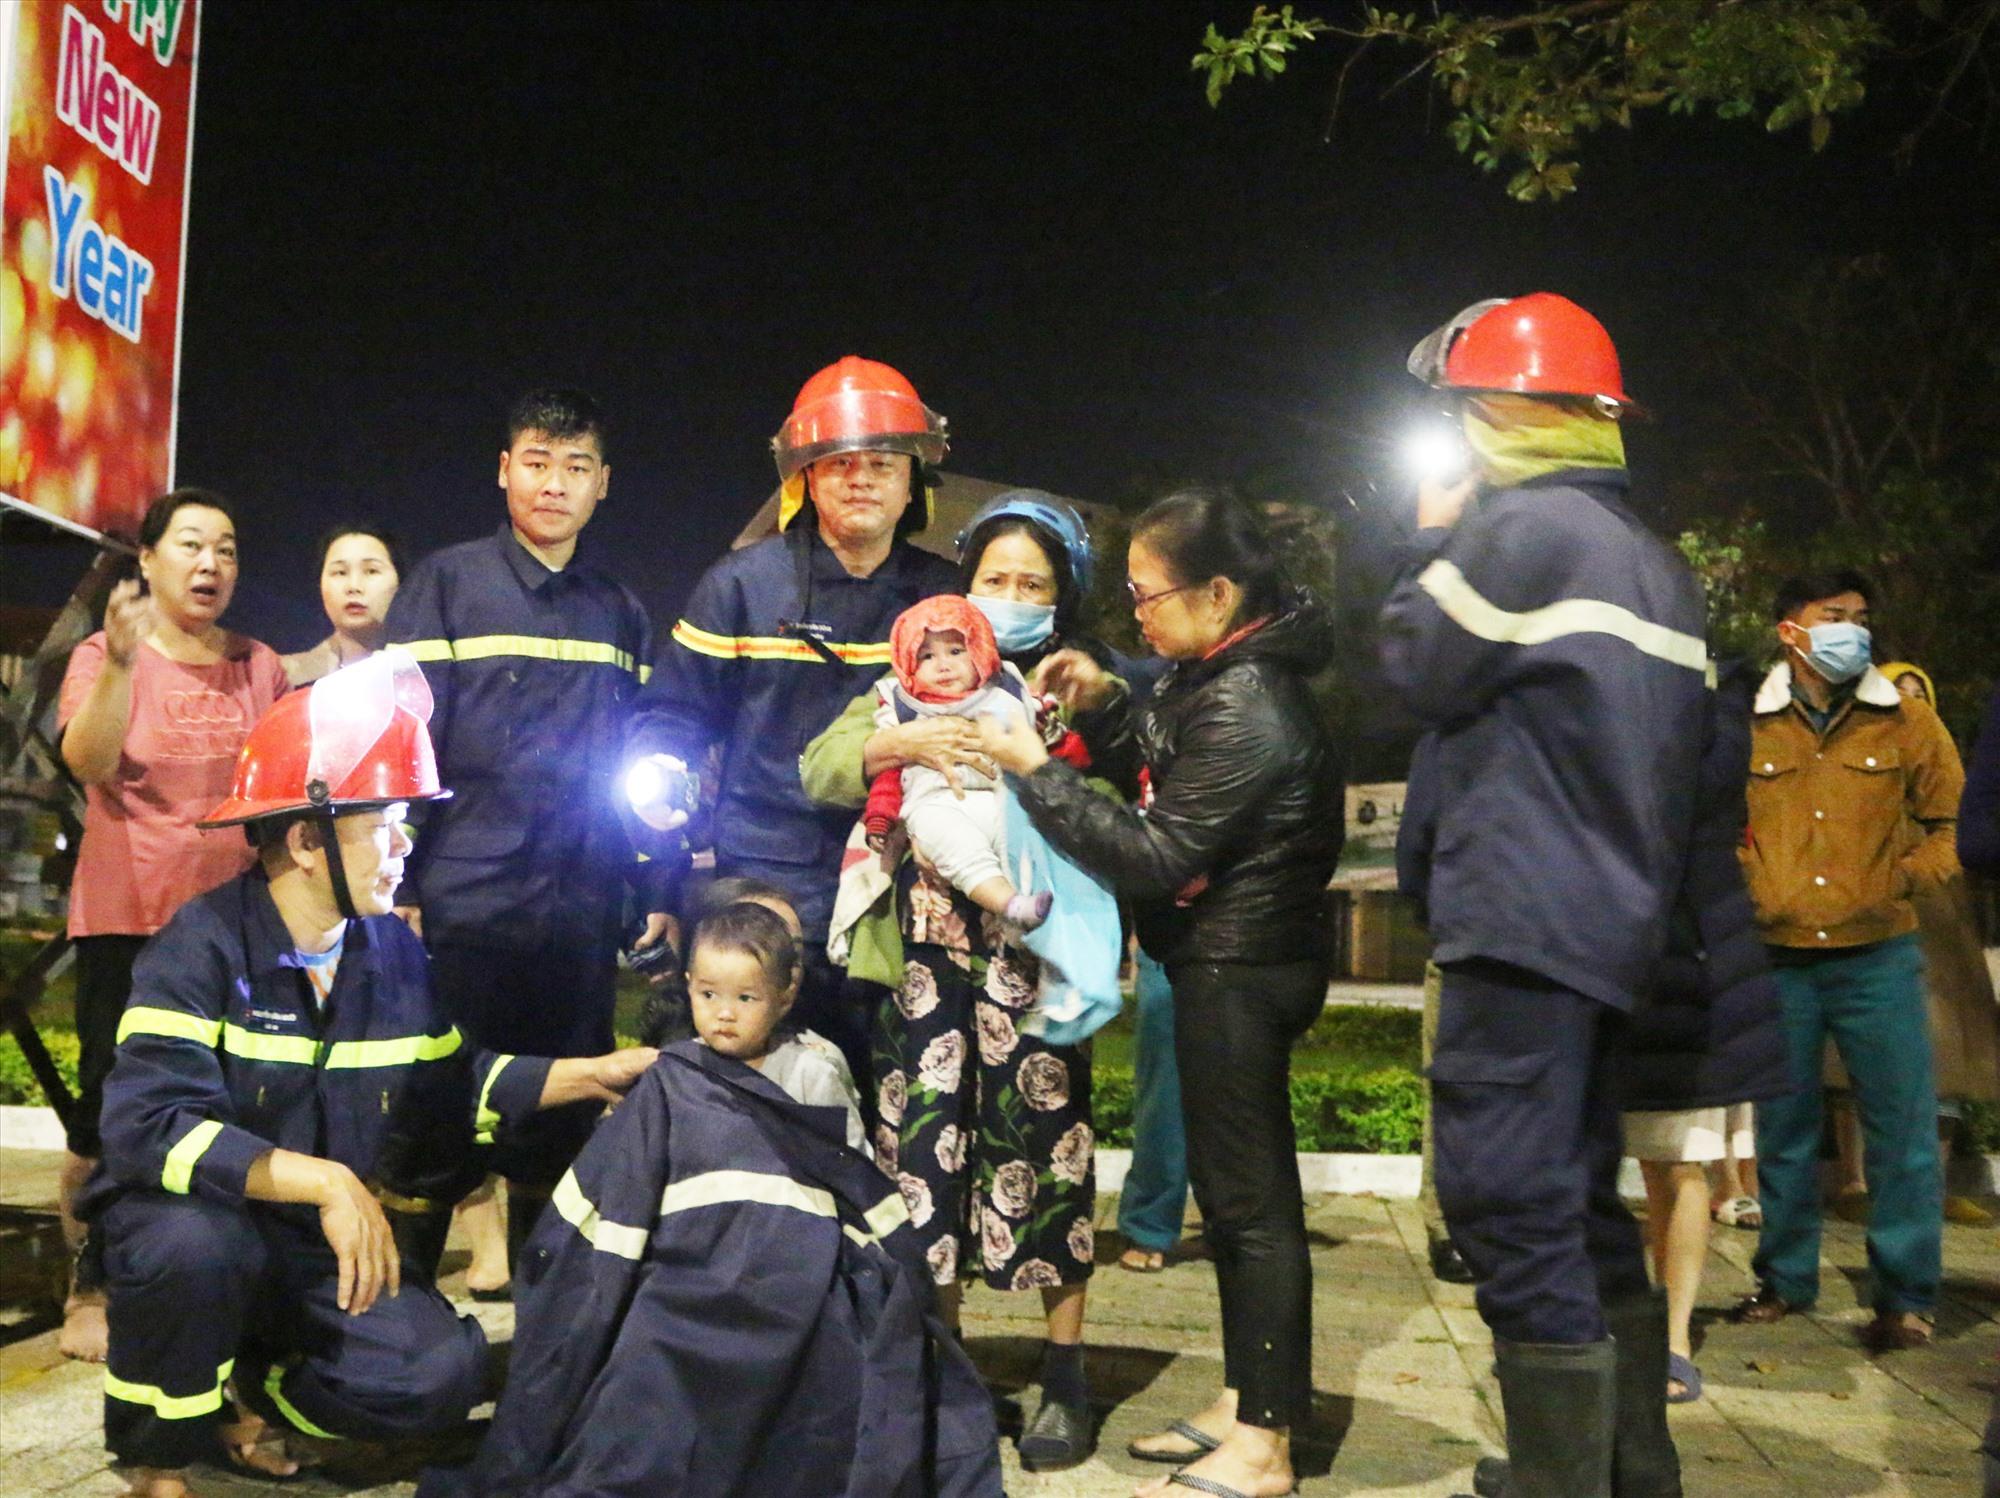 Các chiến sĩ đã giải cứu an toàn 6 người, trong đó có 2 em bé và một bà cụ bị mắc kẹt trong đám cháy. Ảnh: H.L